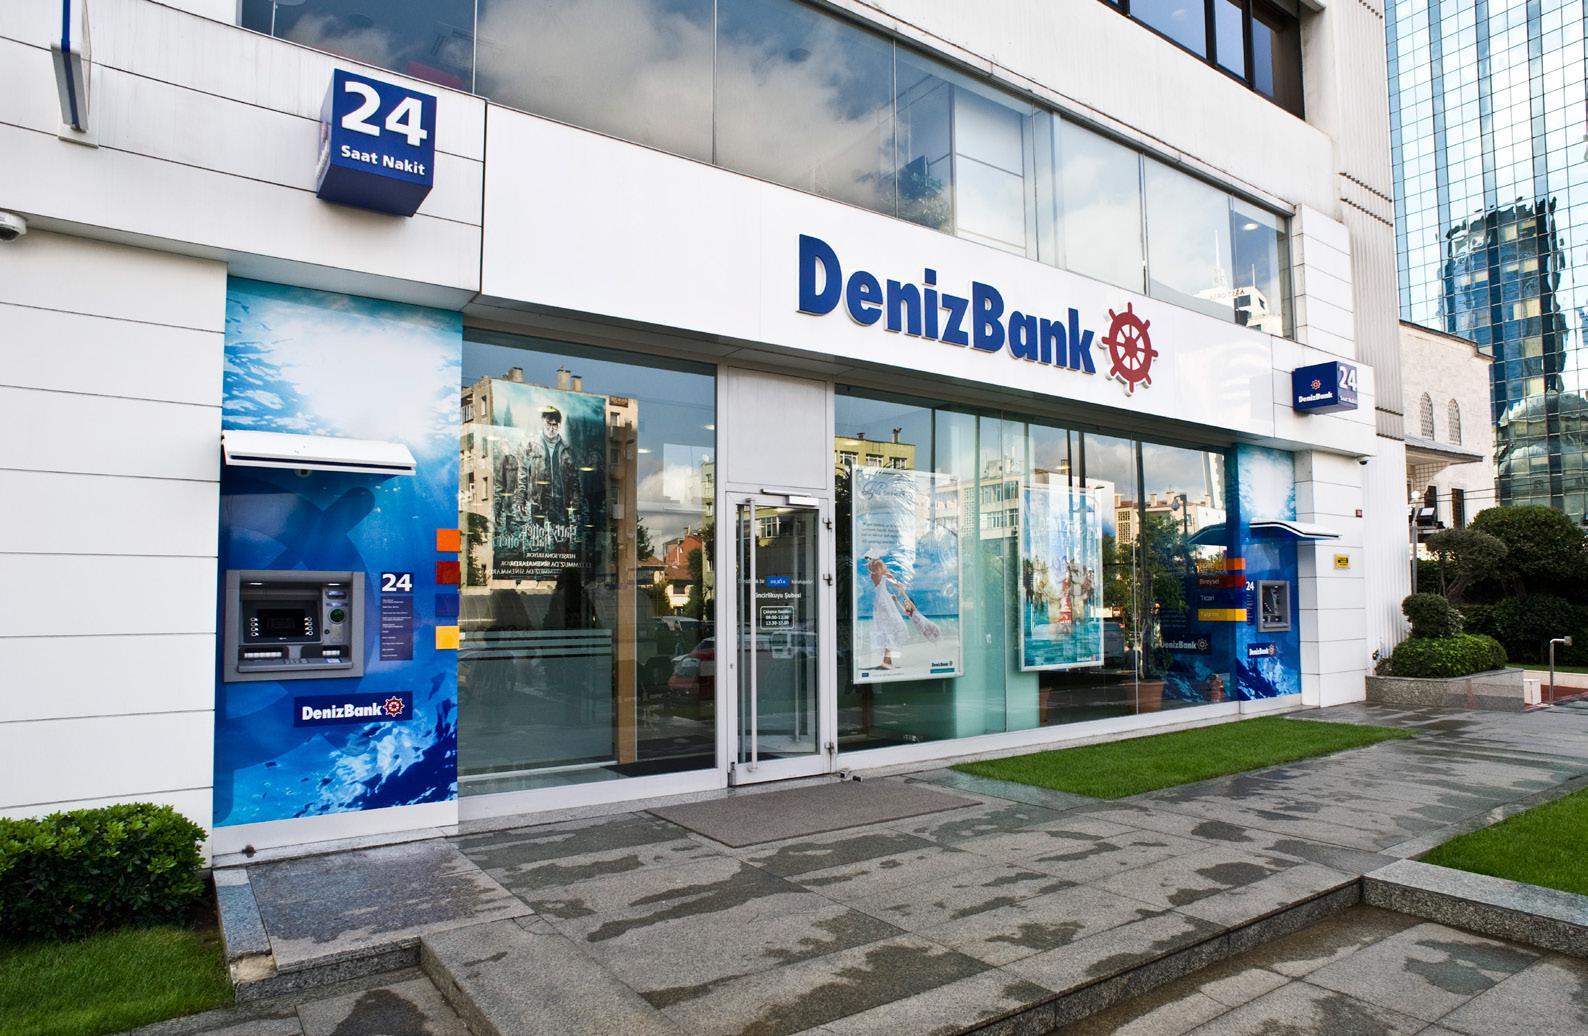 anlasma-yapildi-denizbank-bonus-kredi-kartini-austria-card-uretecek